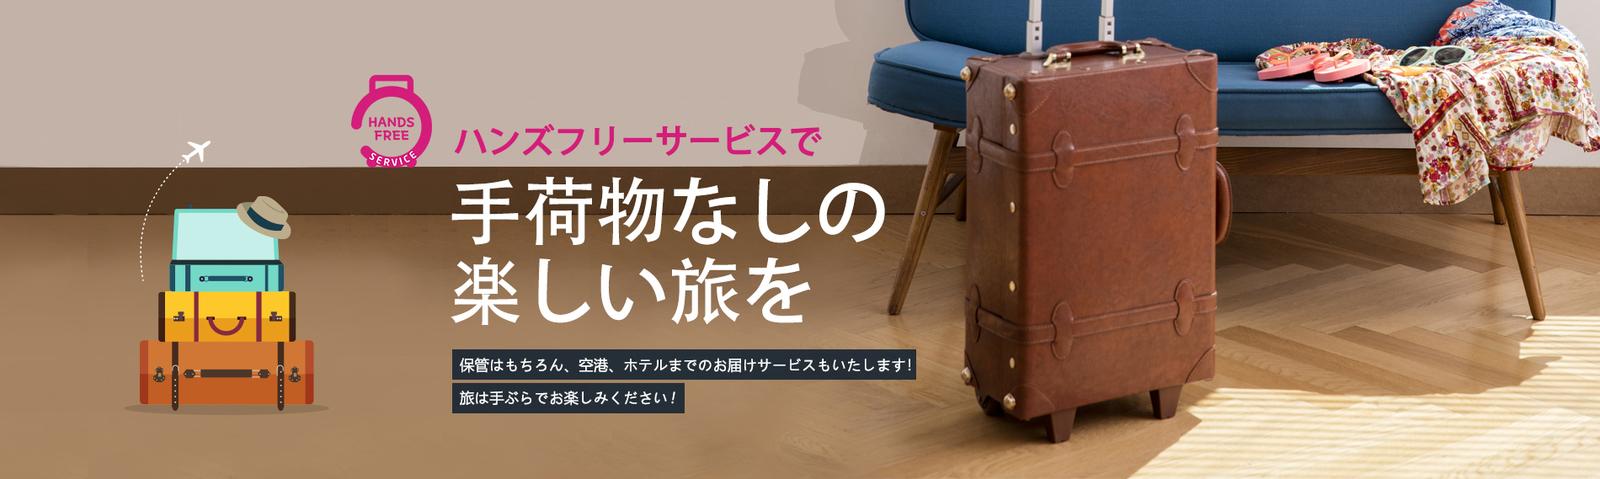 pc_main5_jp